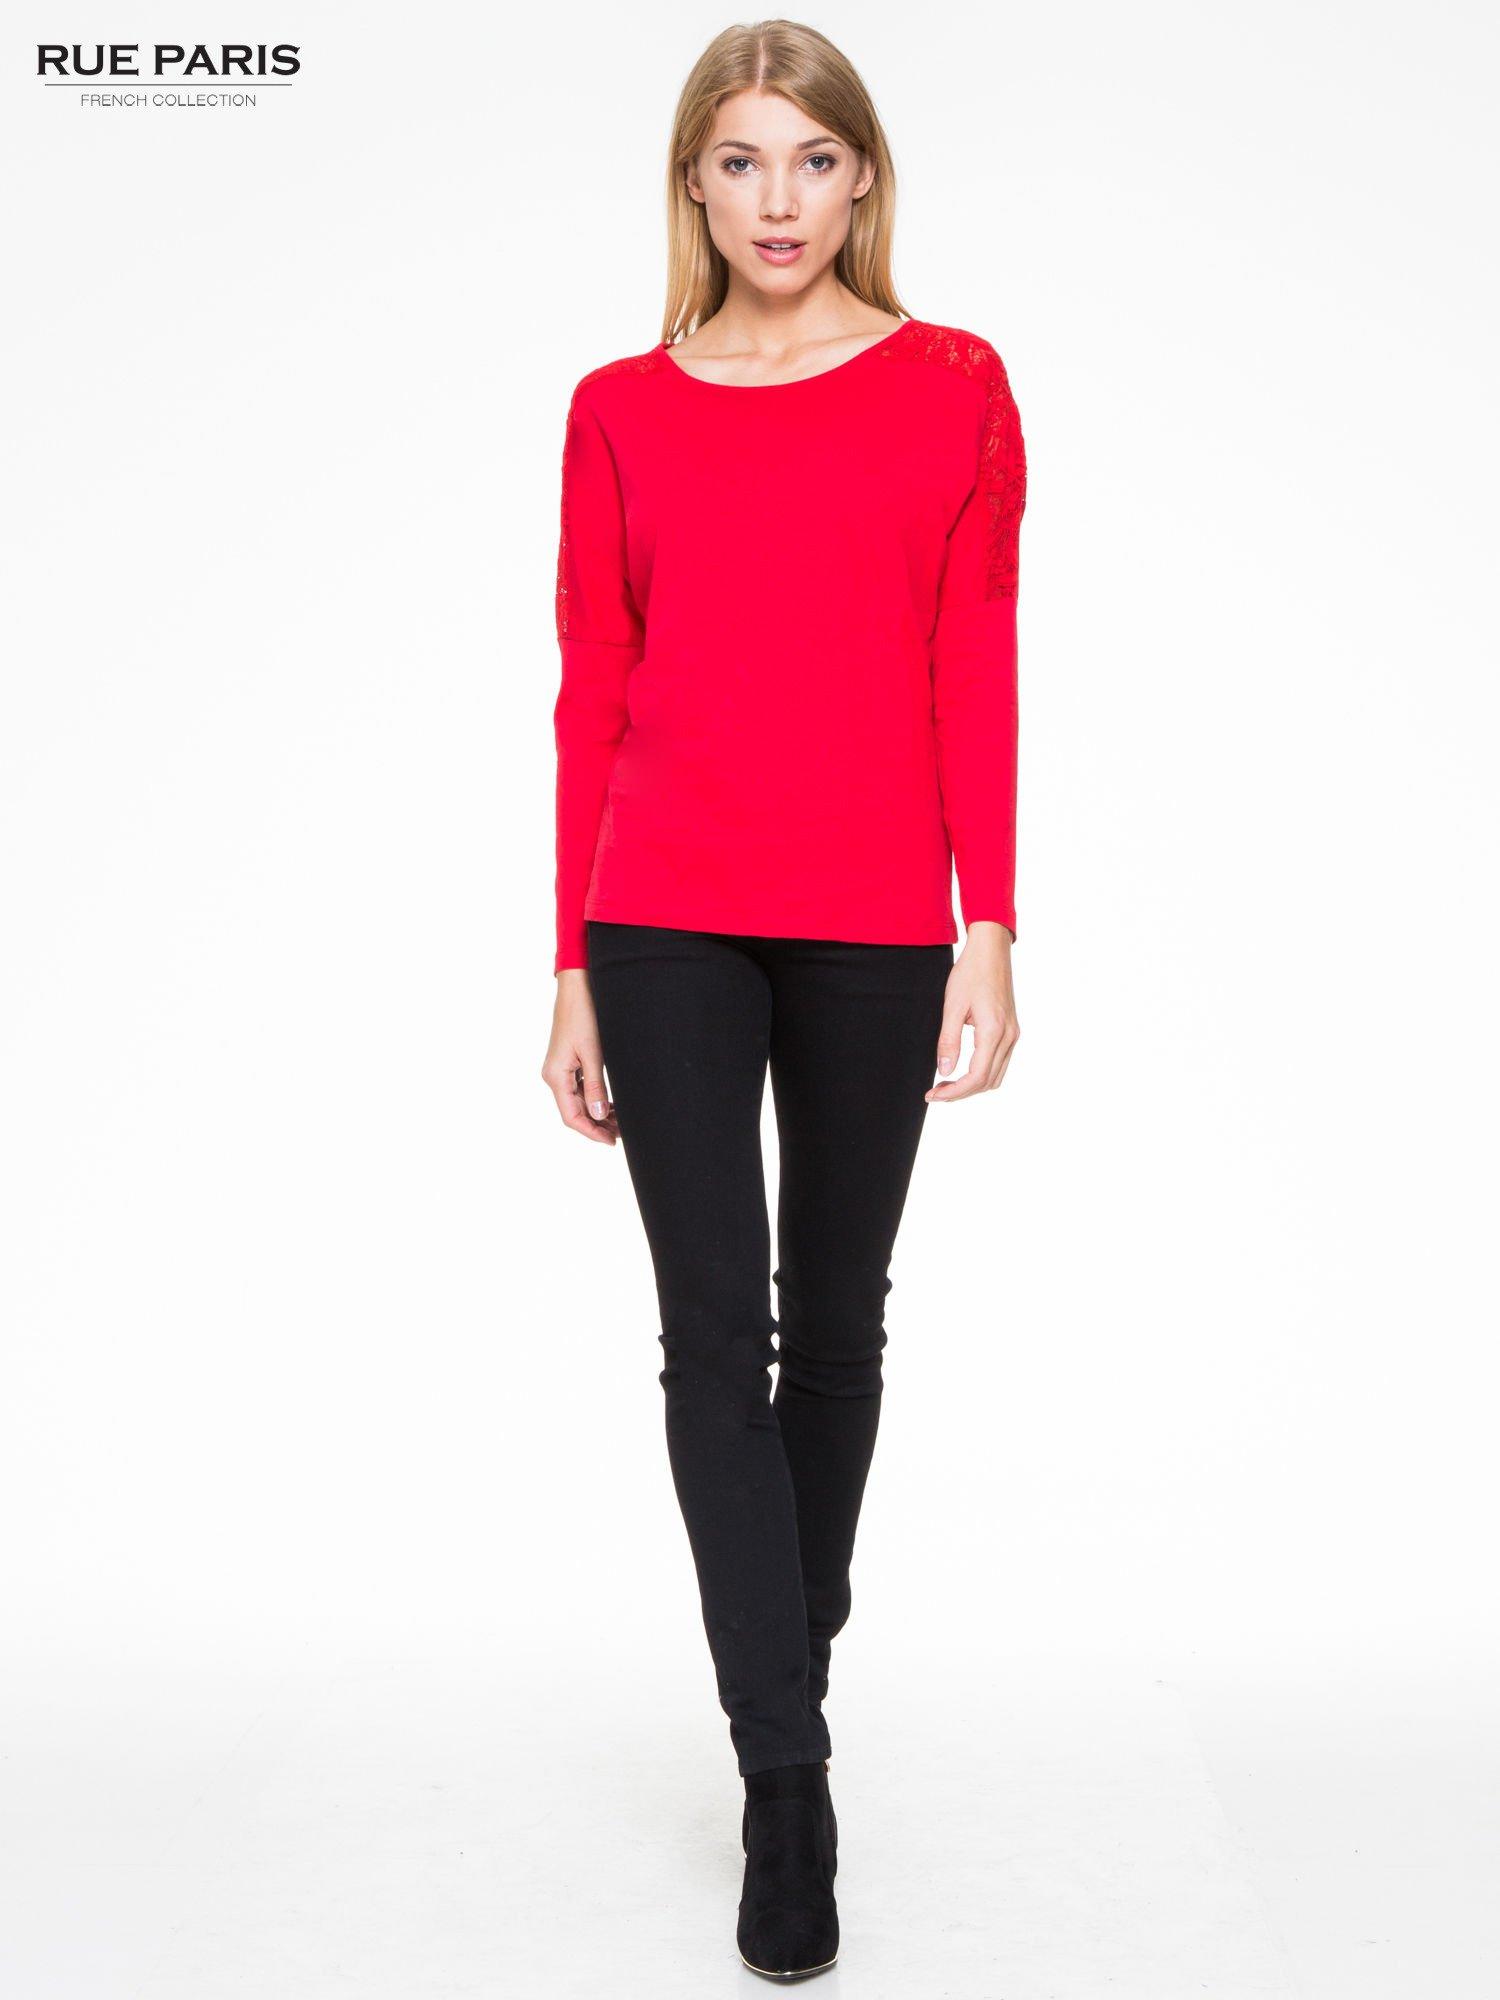 Czerwona bluzka z koronkową wstawką na rękawach i z tyłu                                  zdj.                                  2